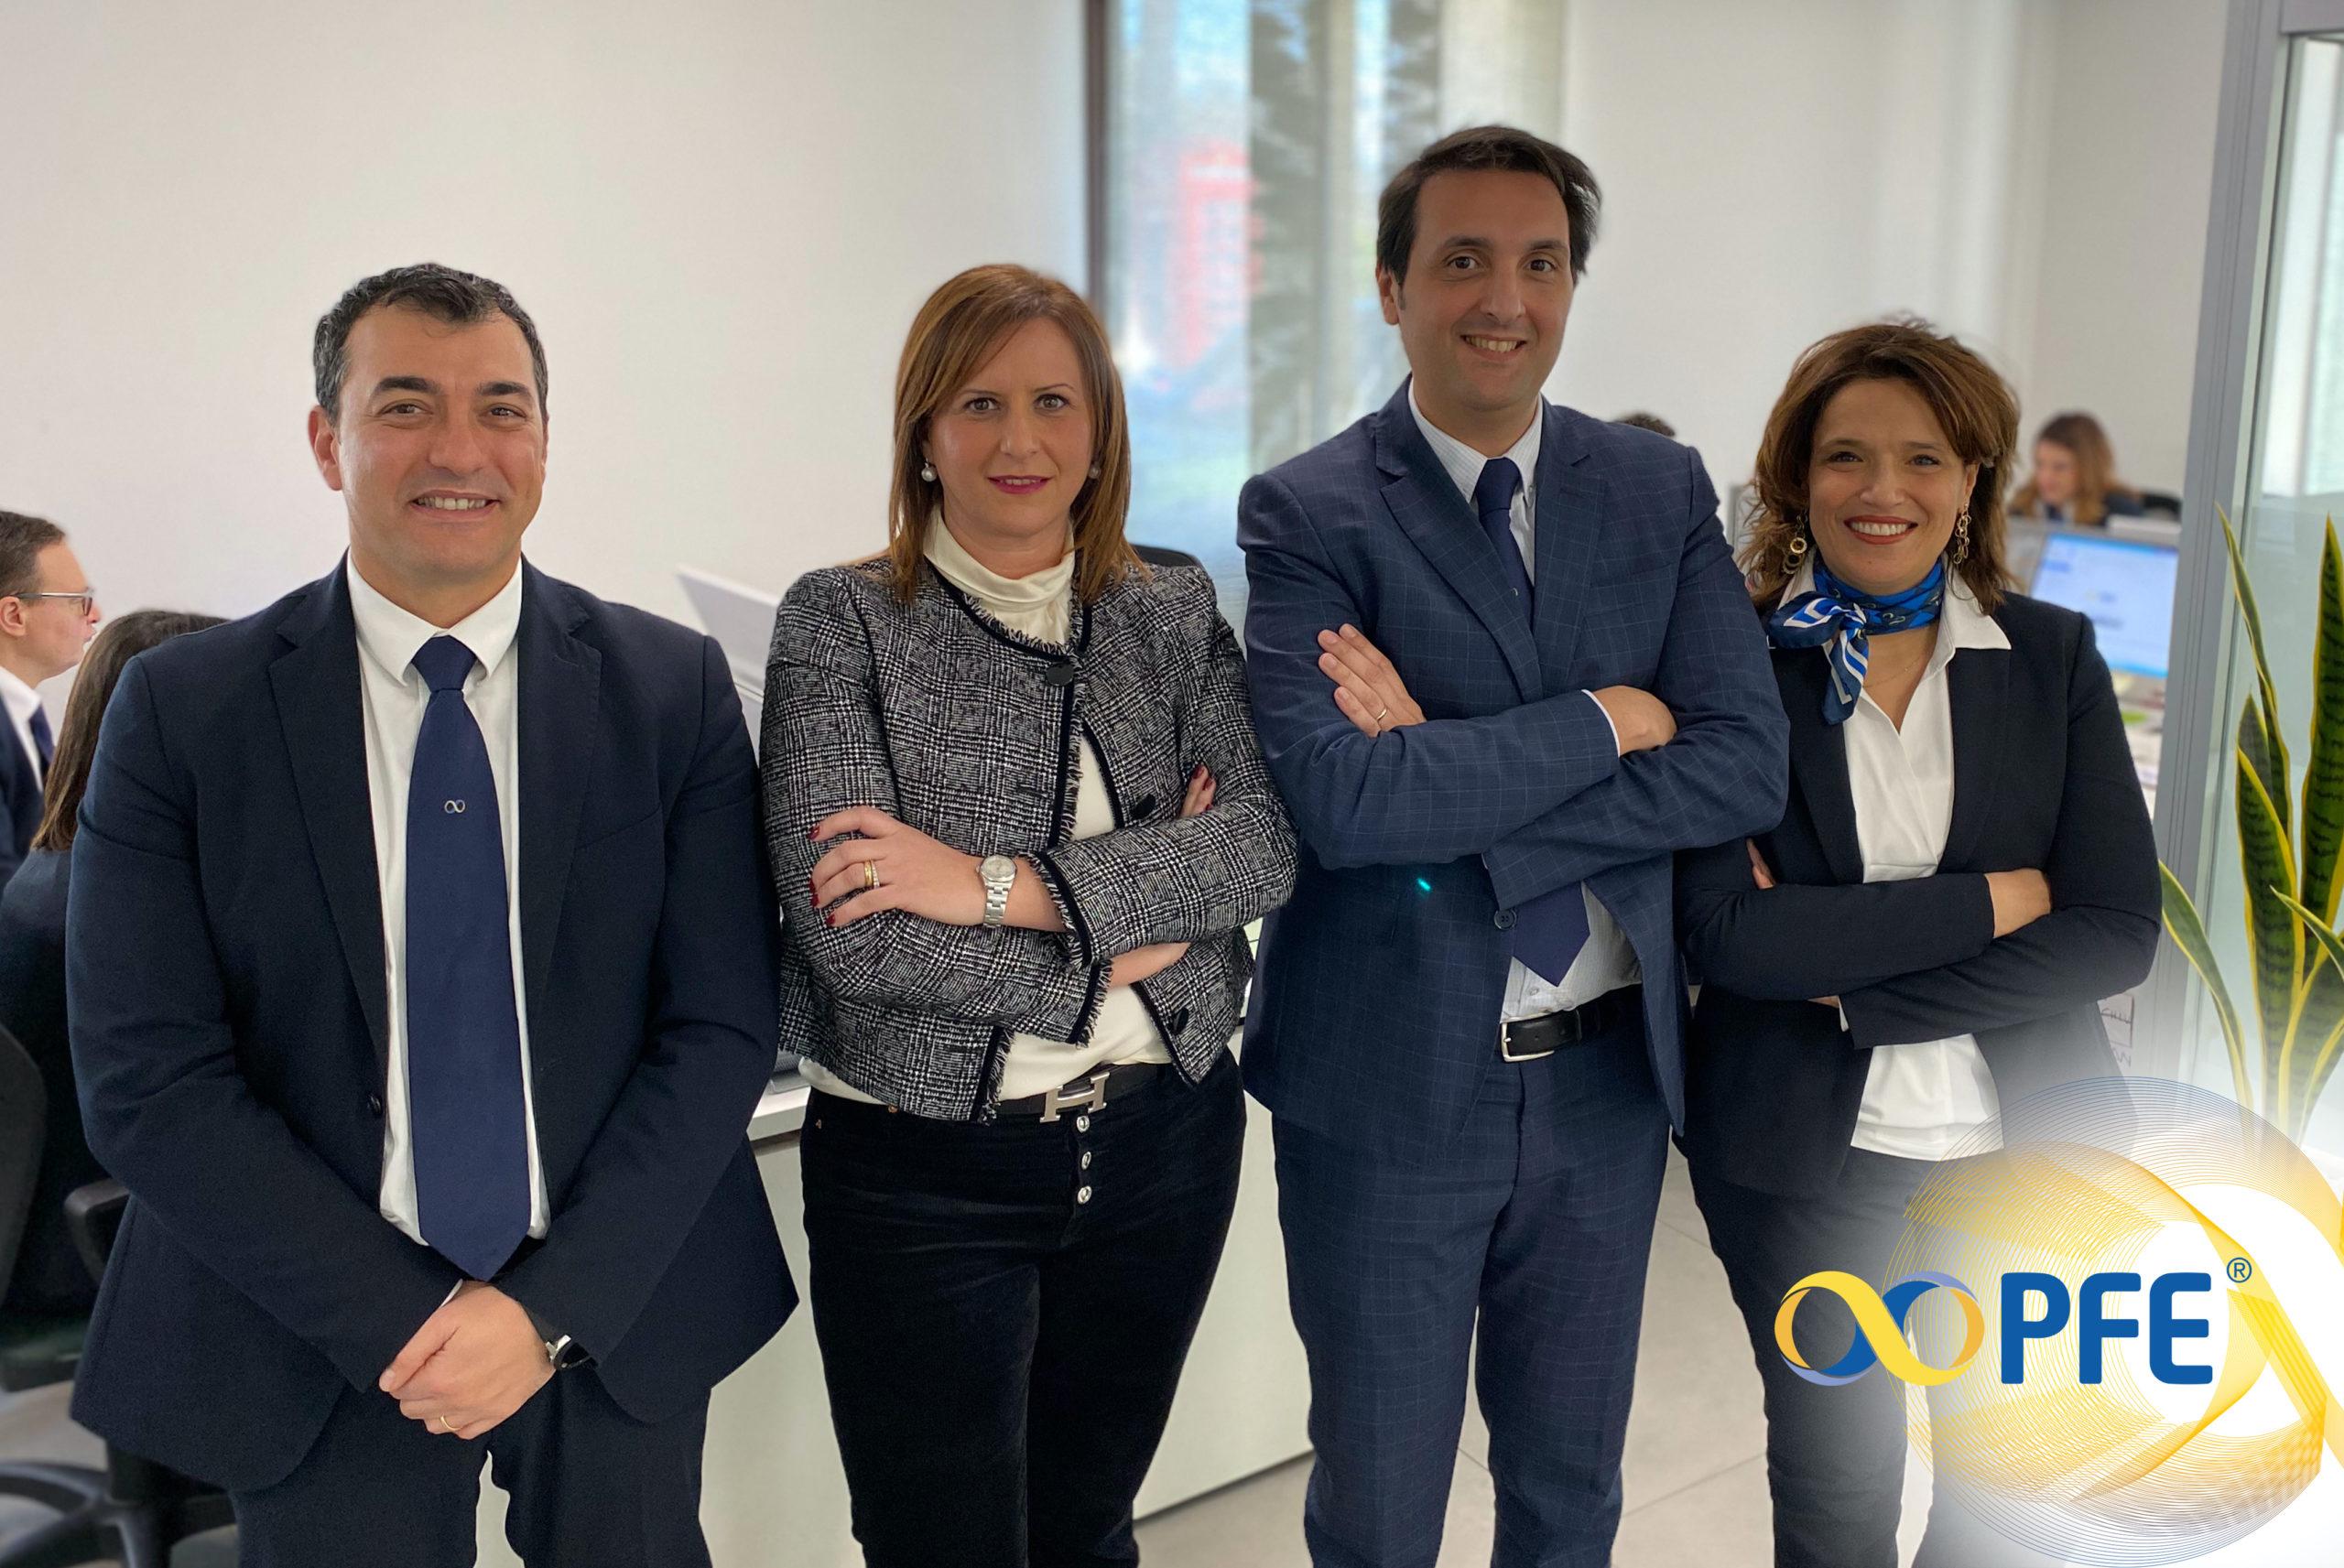 Alla scoperta di PFE: Maria Costa a capo della Direzione Centrale Risorse Umane insieme al suo Team composto da Giuseppe Pilato, Giacomo Casalicchio e Sabrina Ravalli